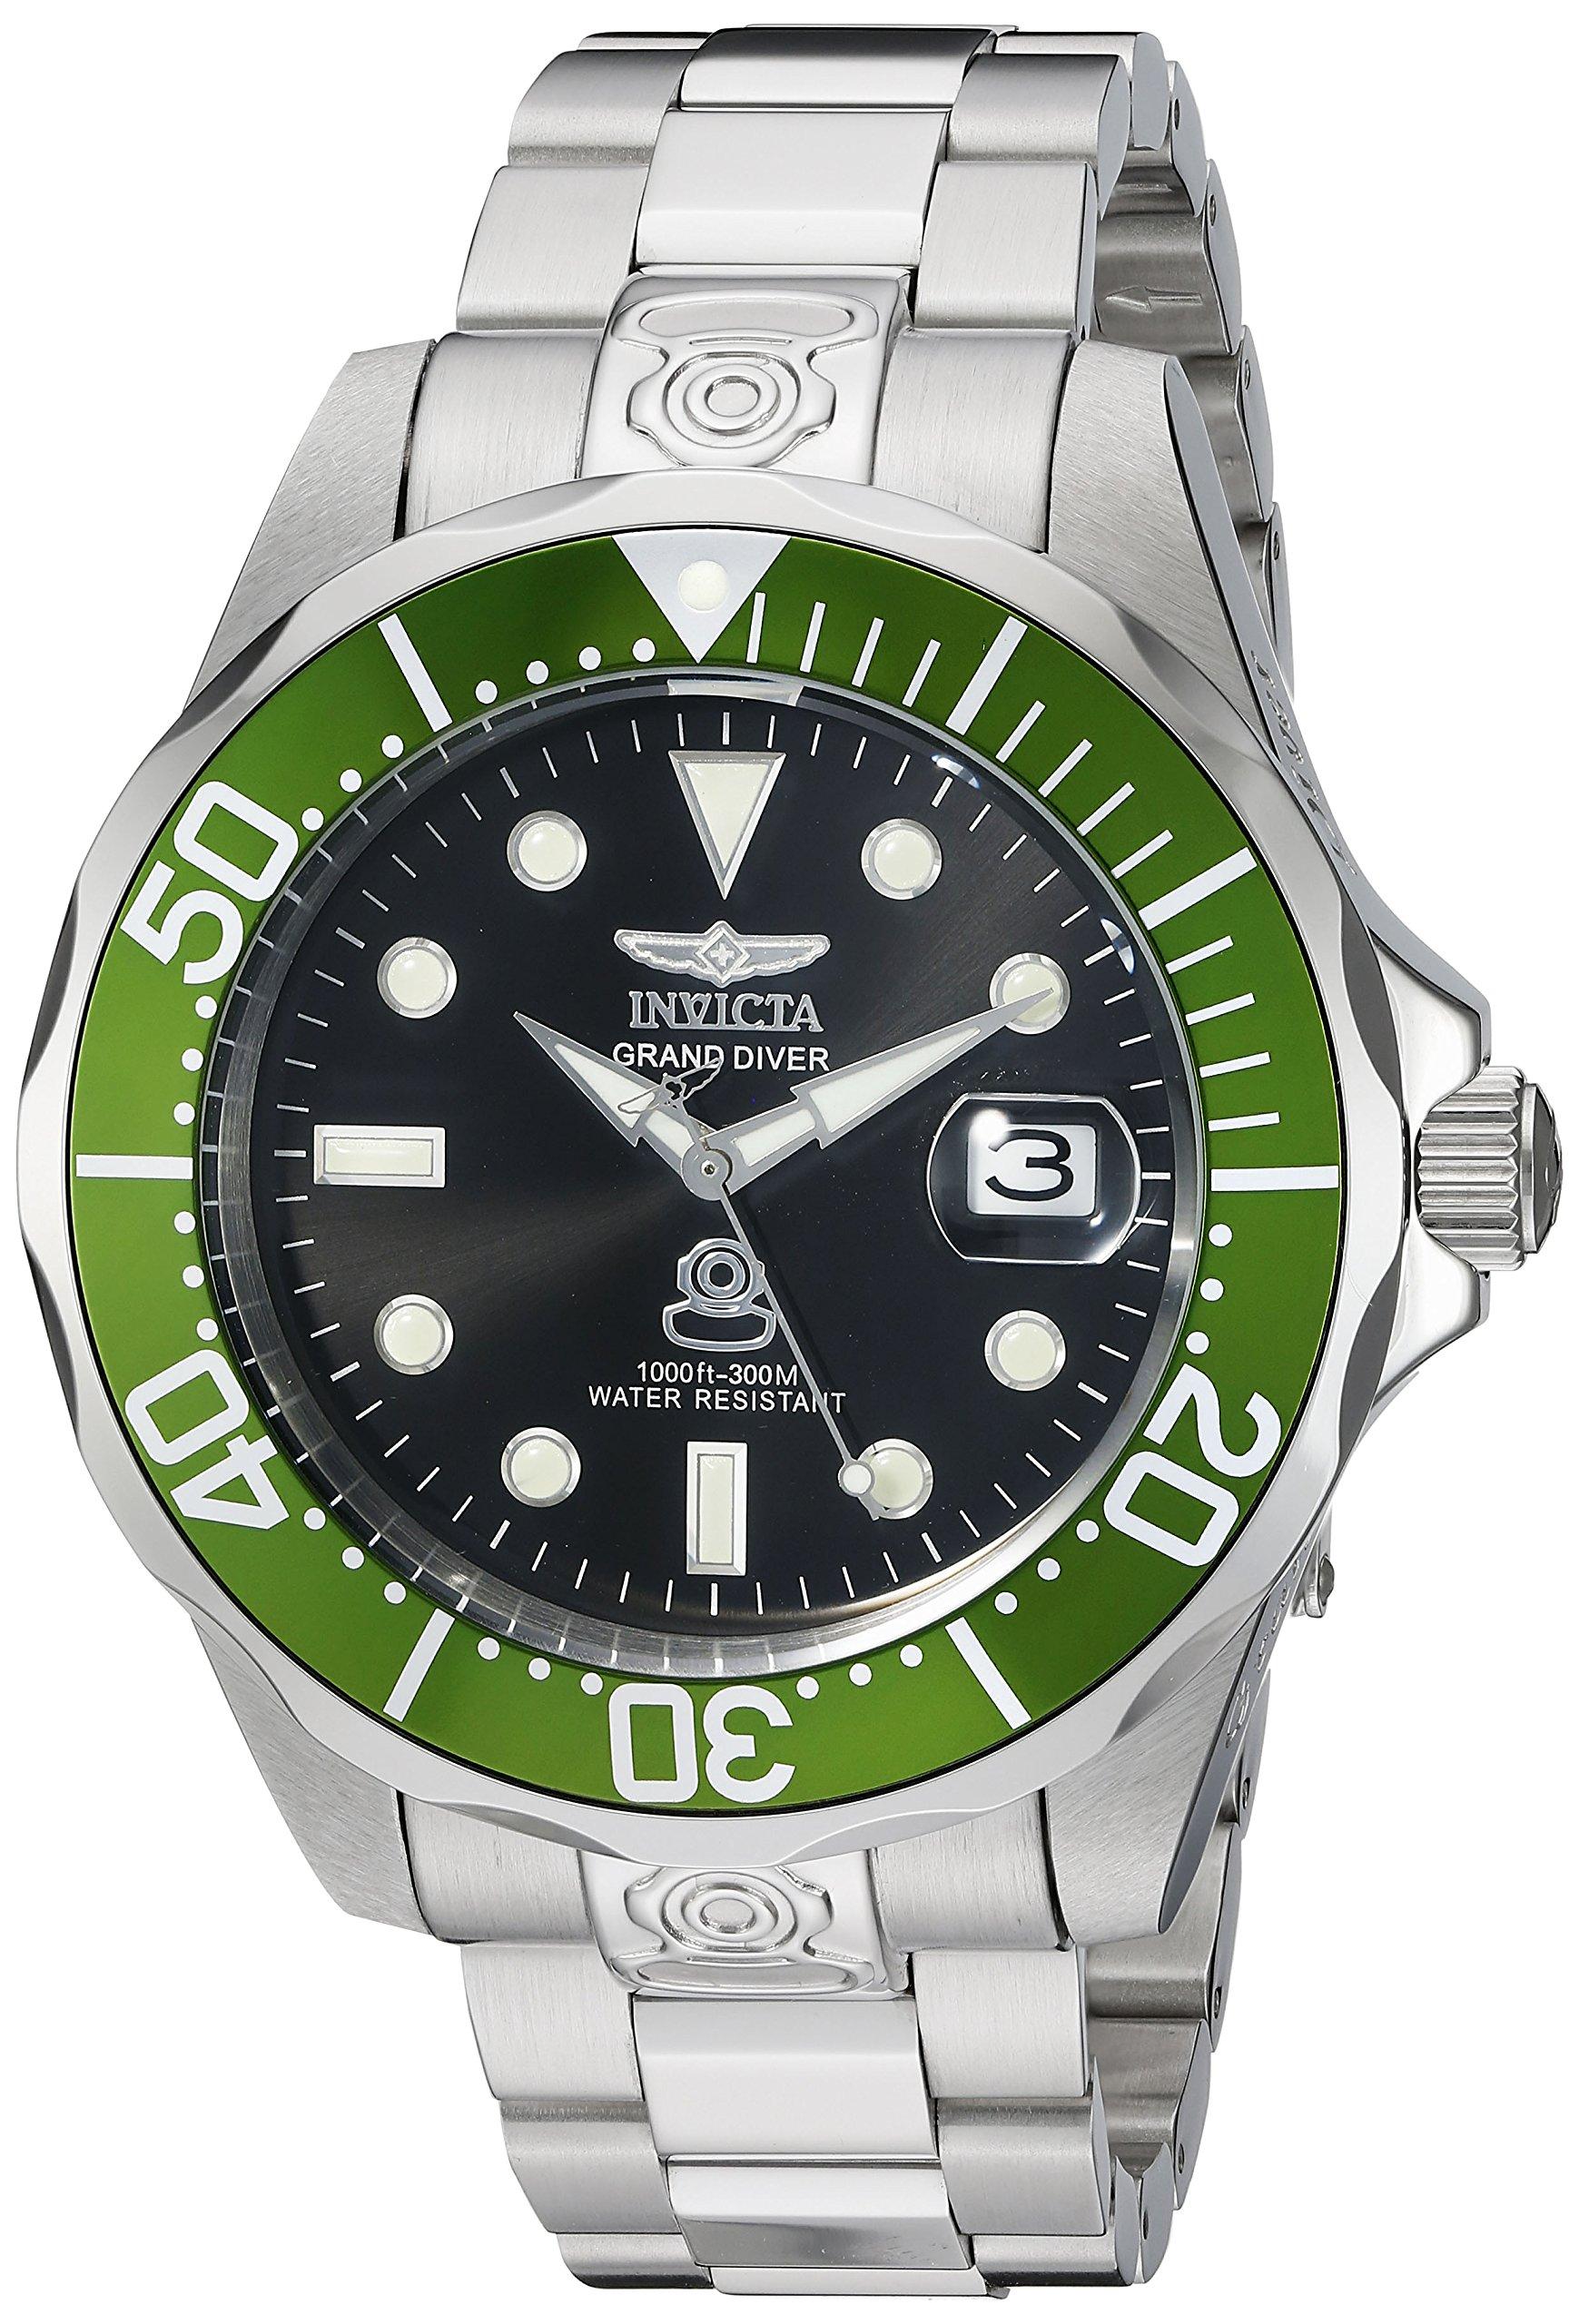 Invictaメンズ3047 Pro DiverシリーズGrand Diver自動腕時計